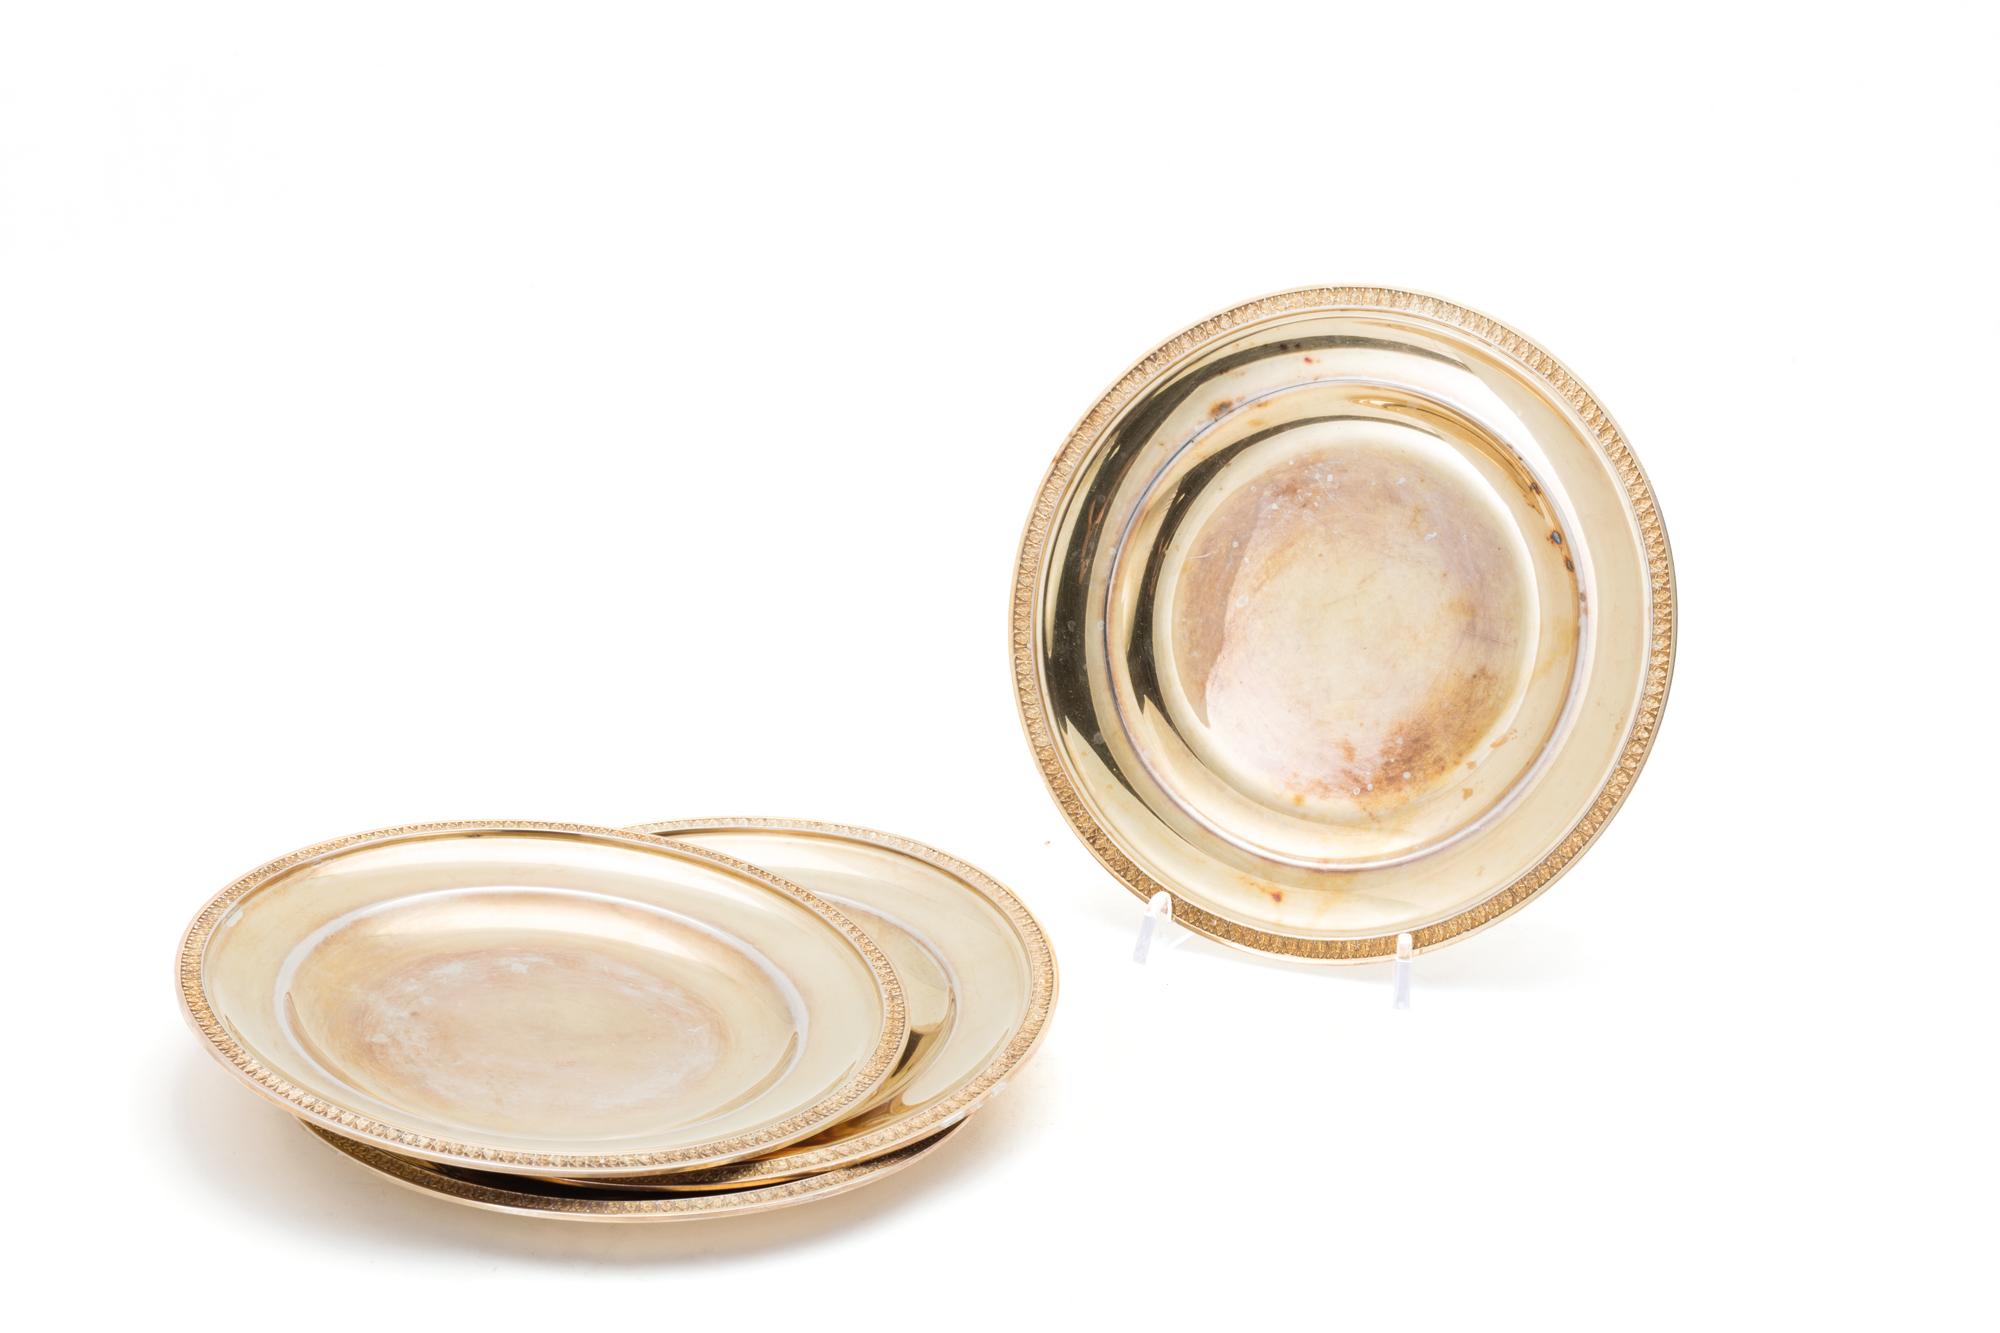 dodici piatti in argento dorato, Italia XX secolo